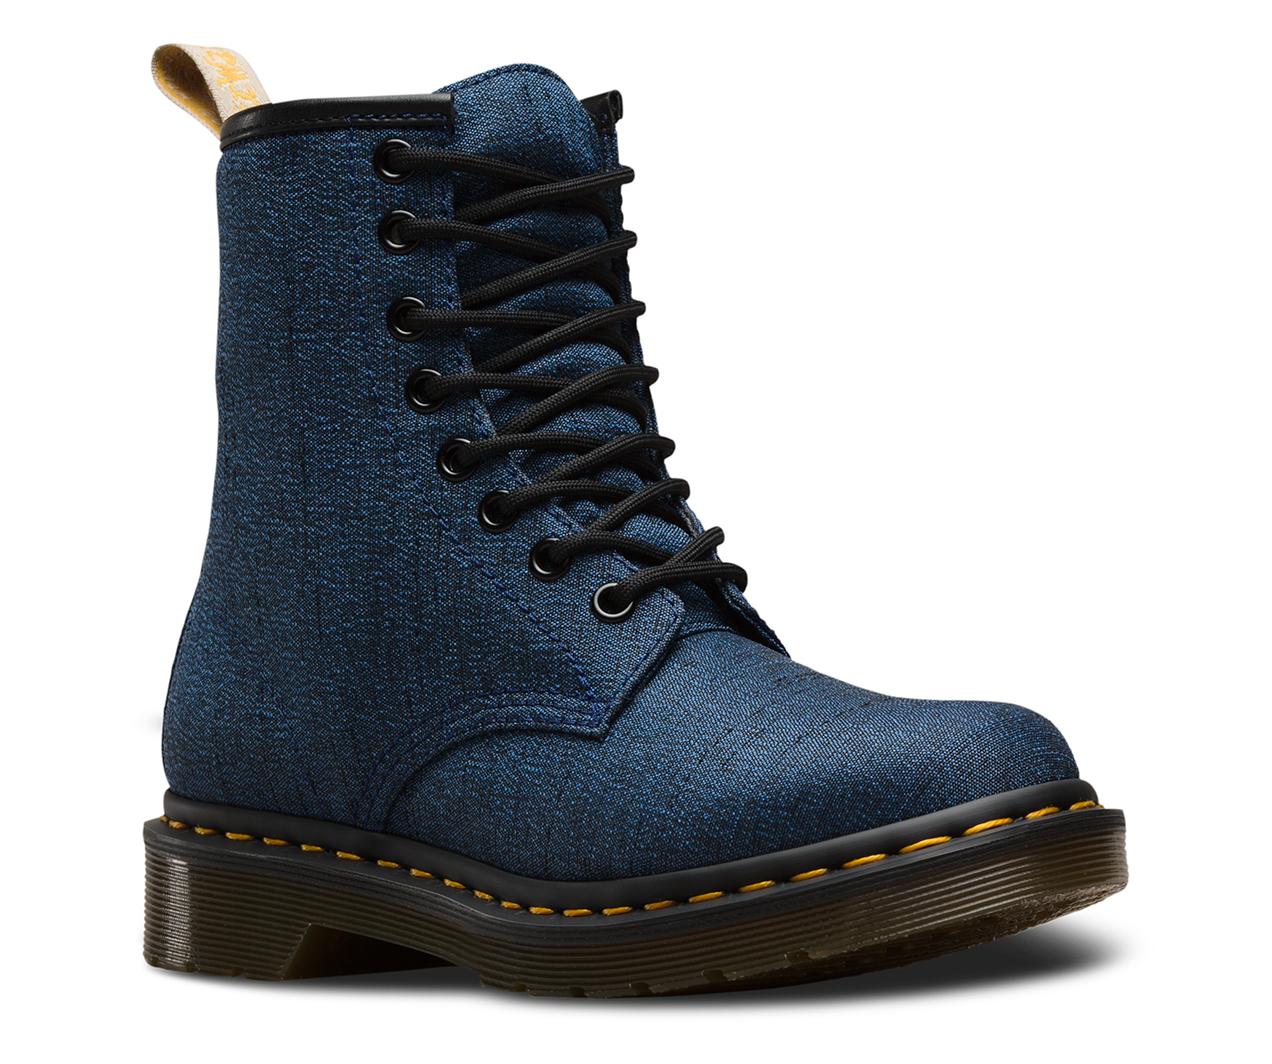 Dr Martens Vegan Shoes Uk